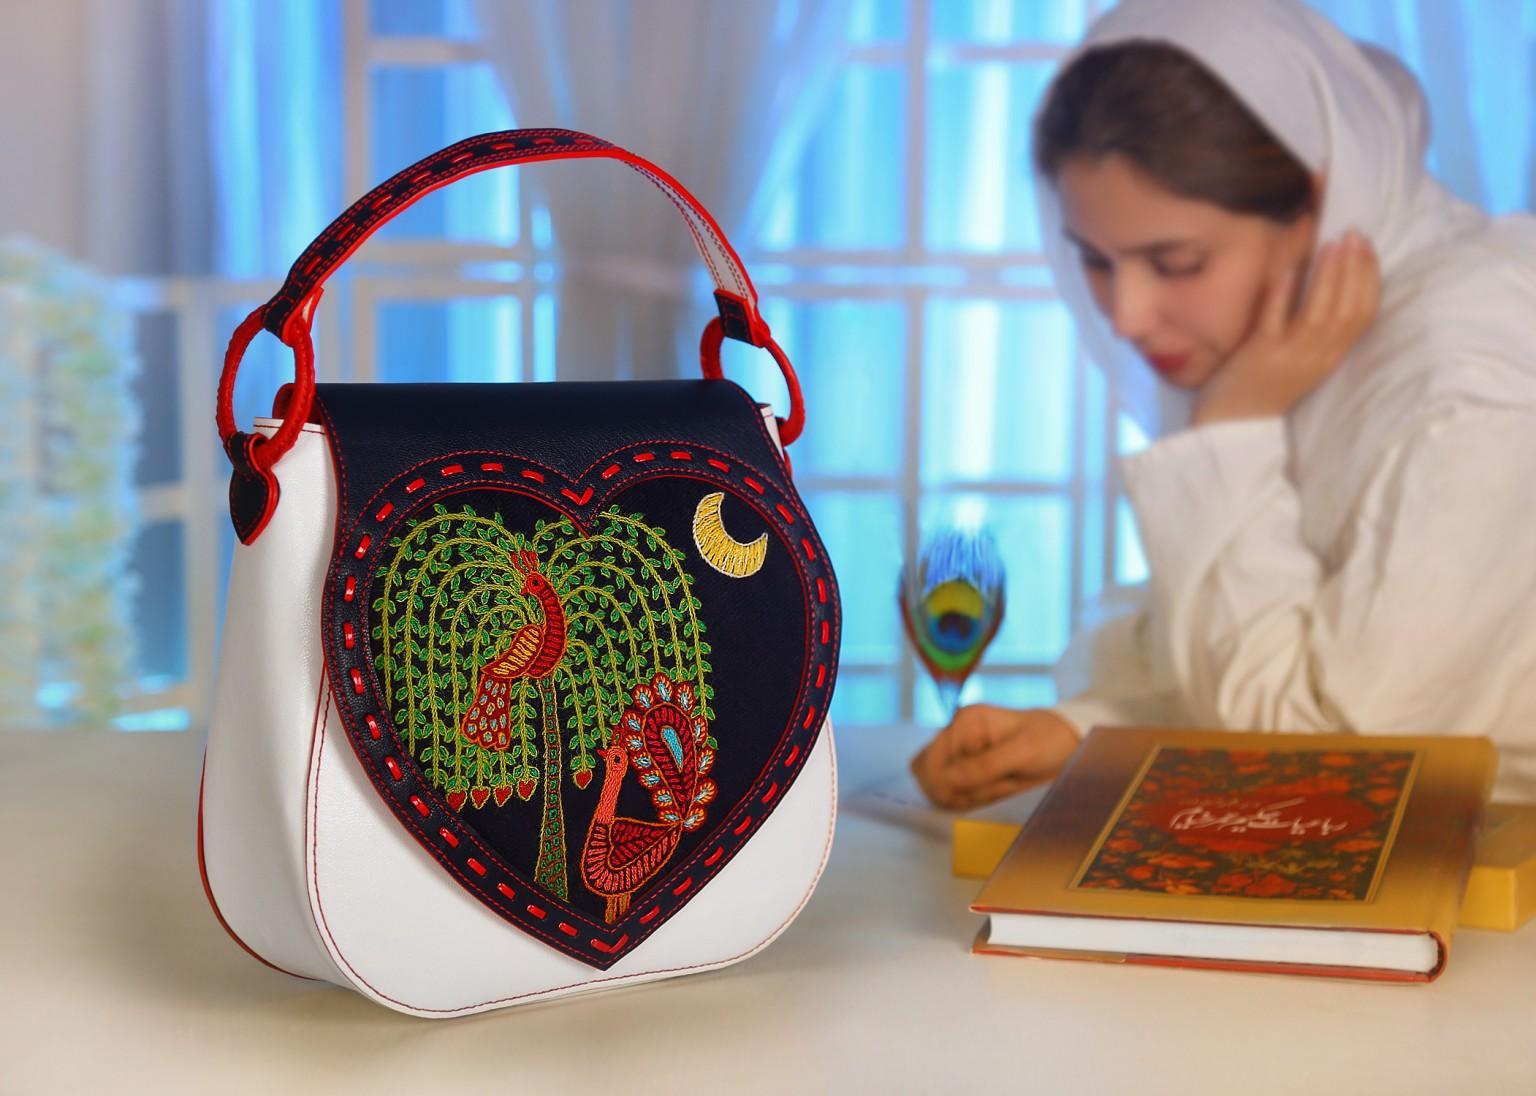 عکاسی از کیف و کفش تبلیغاتی دیجی Photography of Digitala promotional bags and shoesکالا